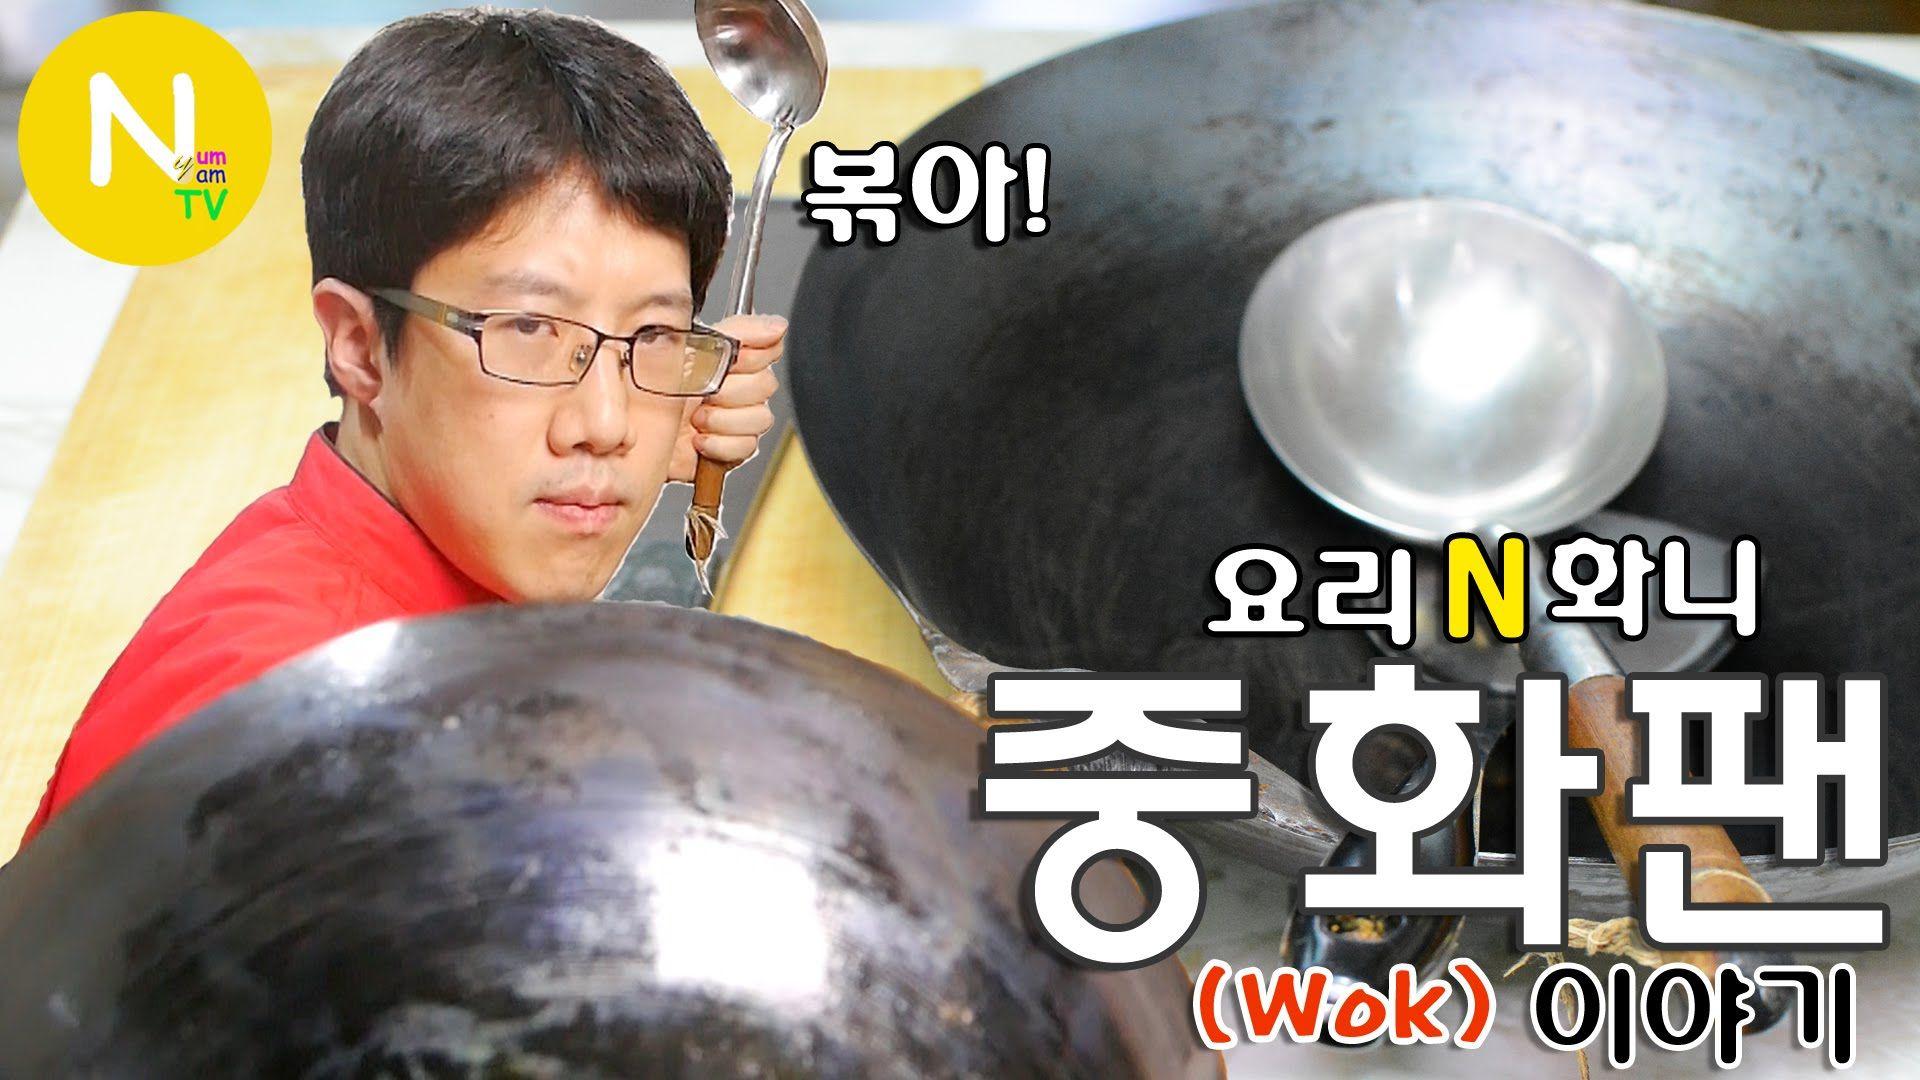 [요리 N 화니] 중화팬(Wok) 이야기  / 웍 / 중식조리 / Wok / Non stick cooking / Chinese c...